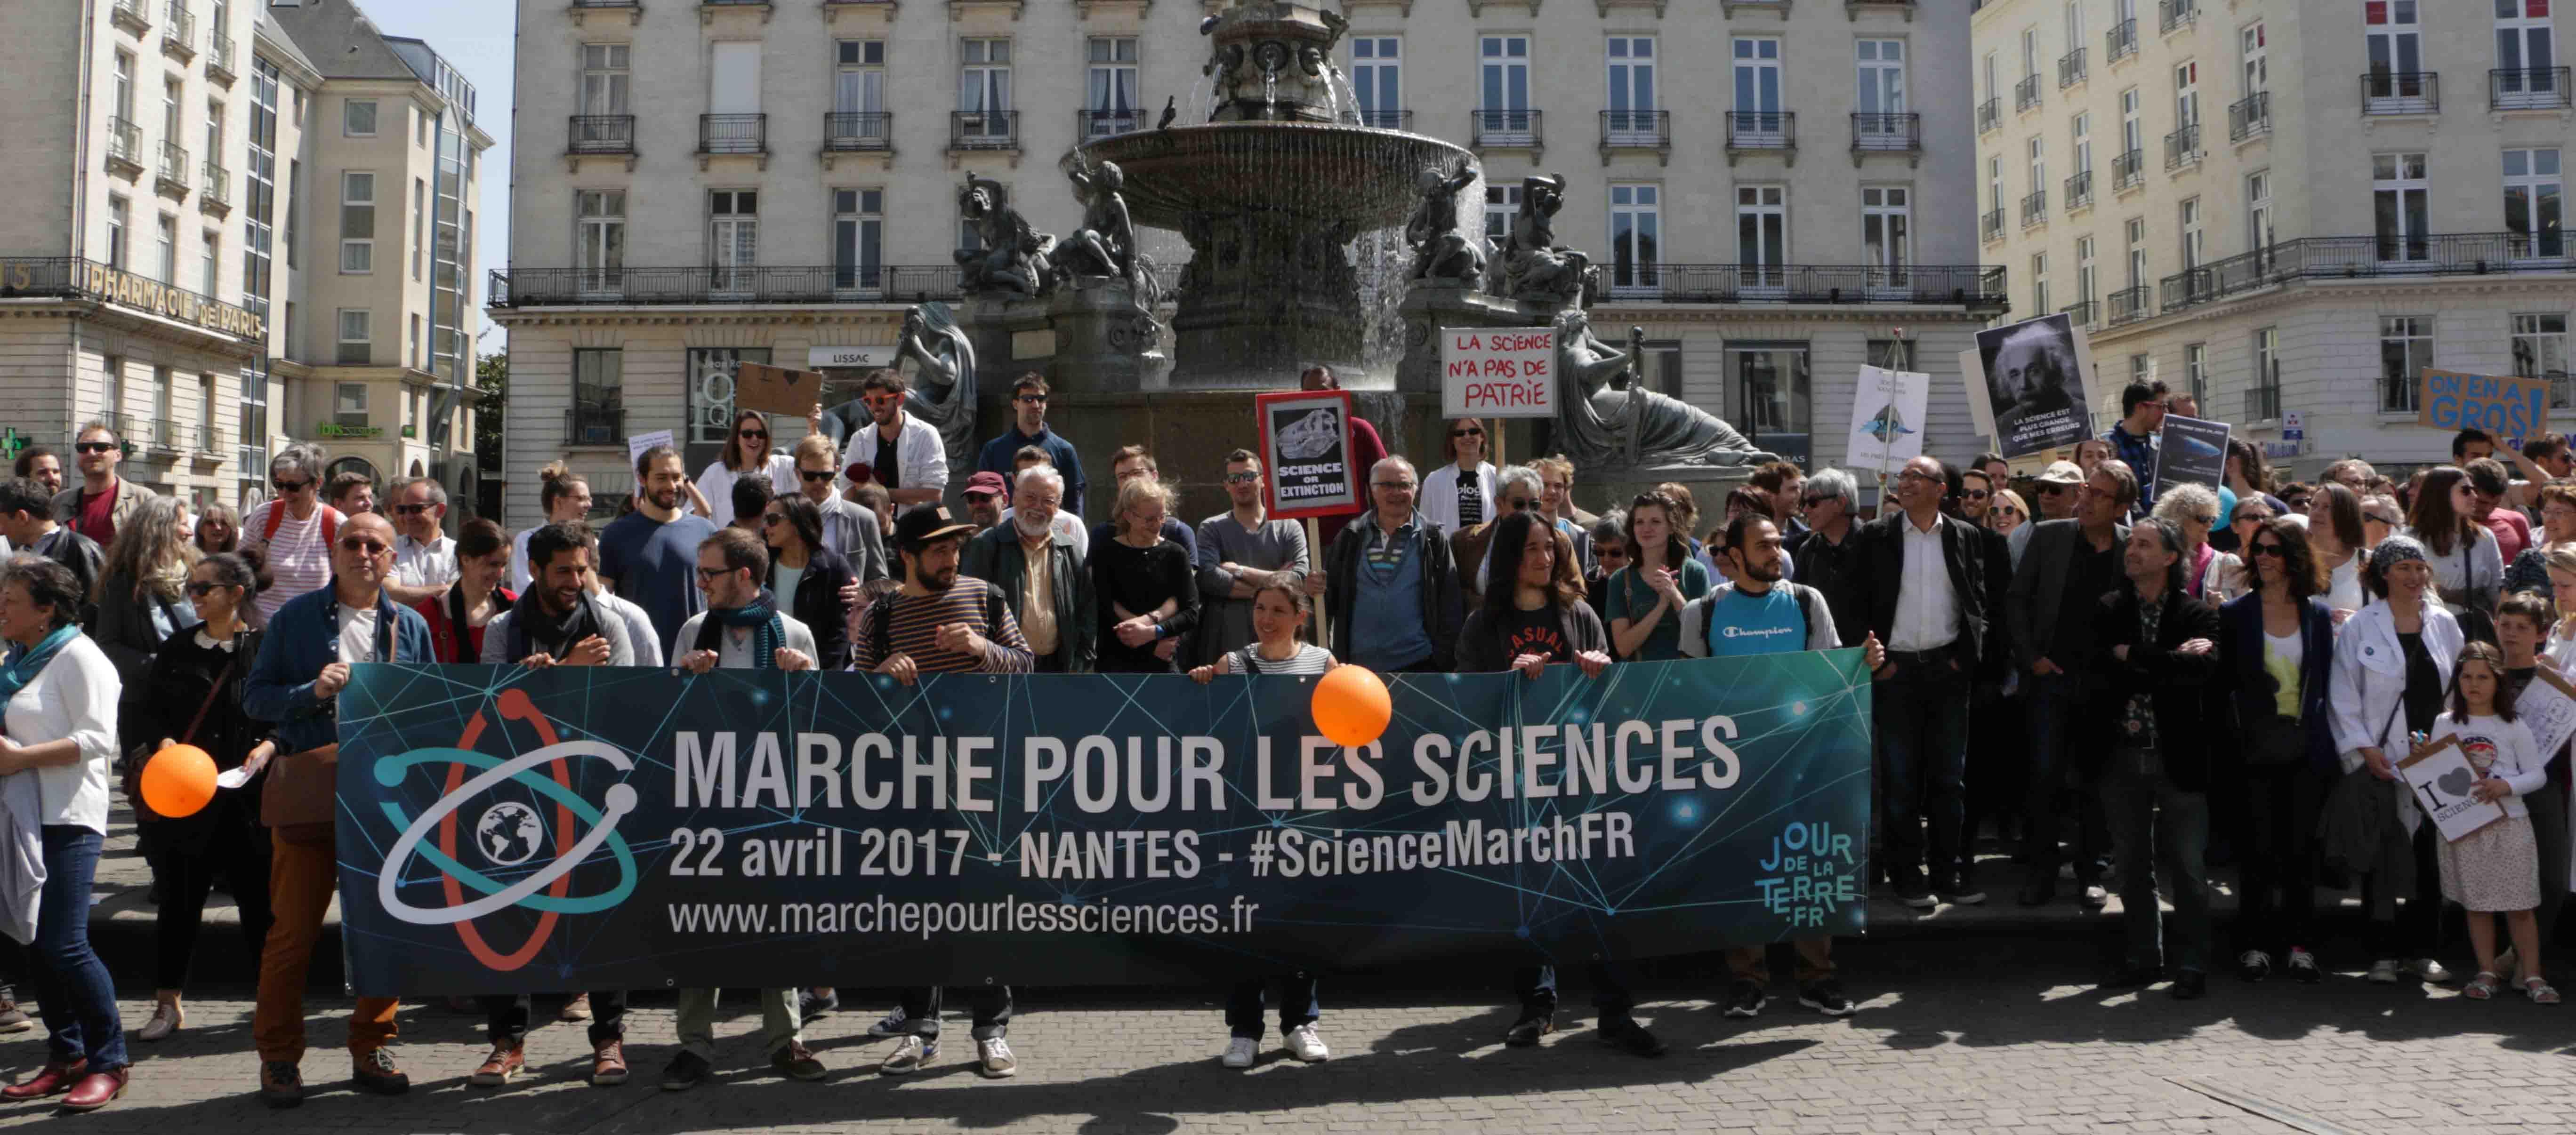 Marche pour les sciences Nantes